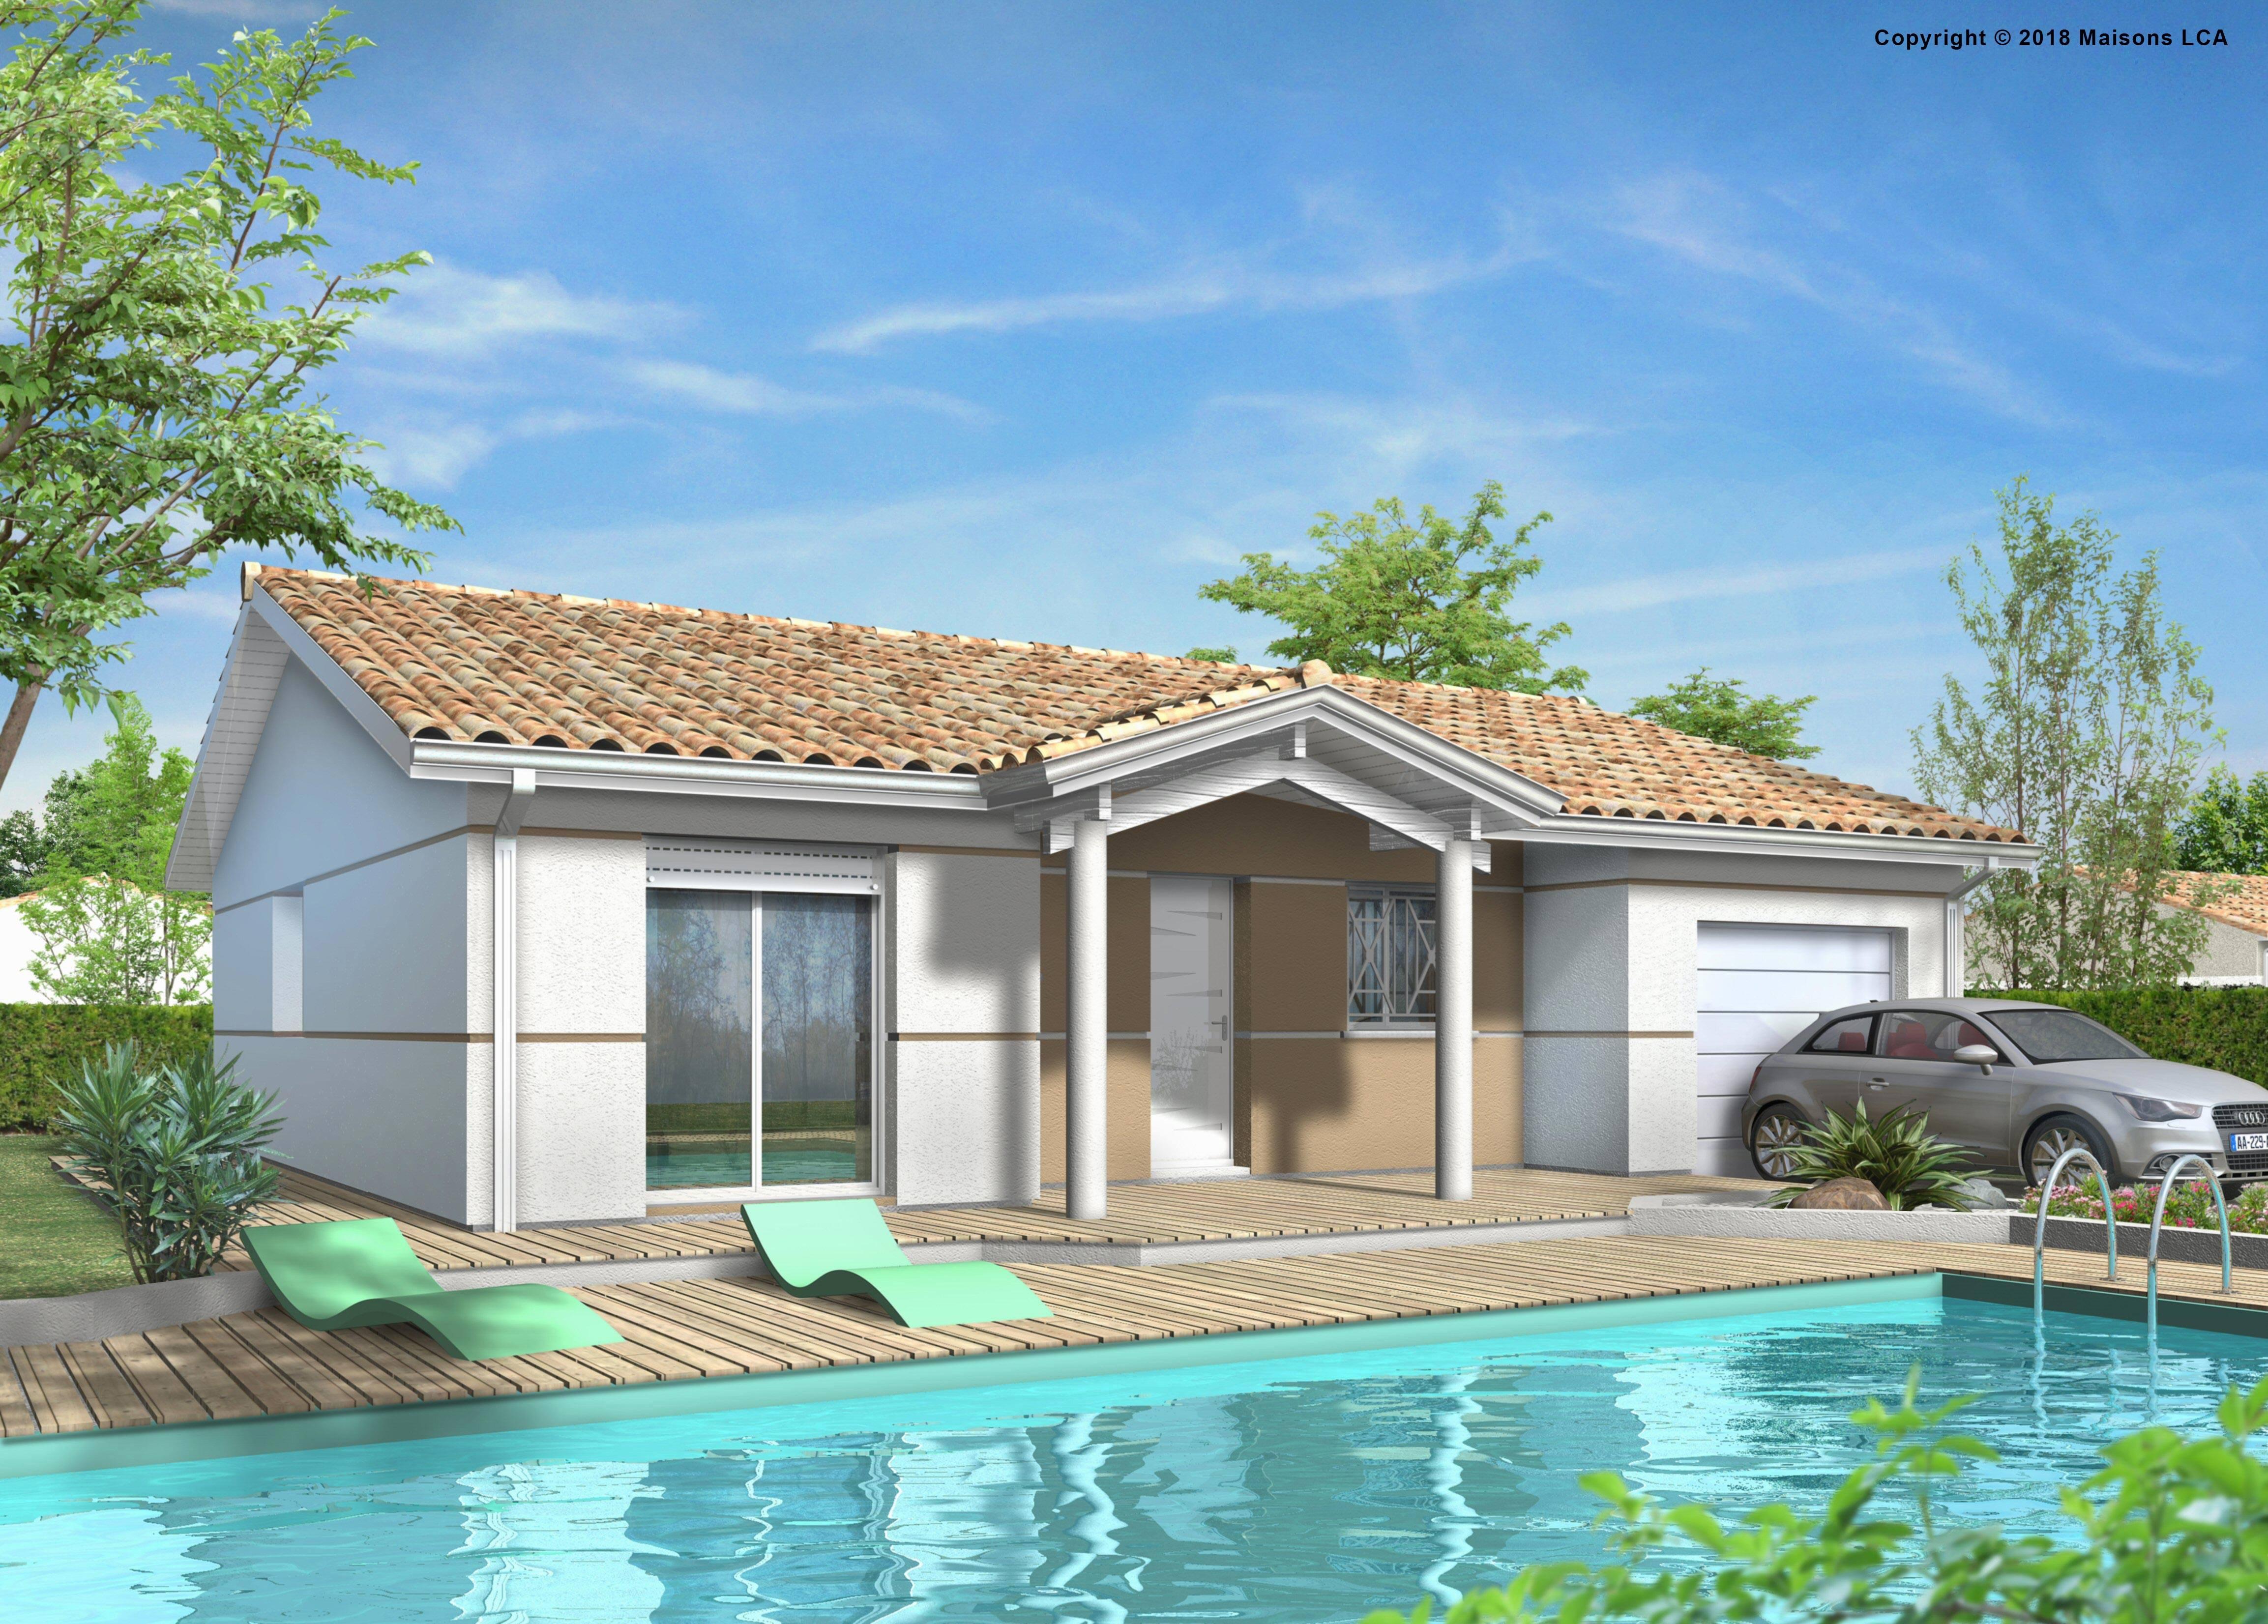 Maisons + Terrains du constructeur LCA CREON • 87 m² • QUINSAC